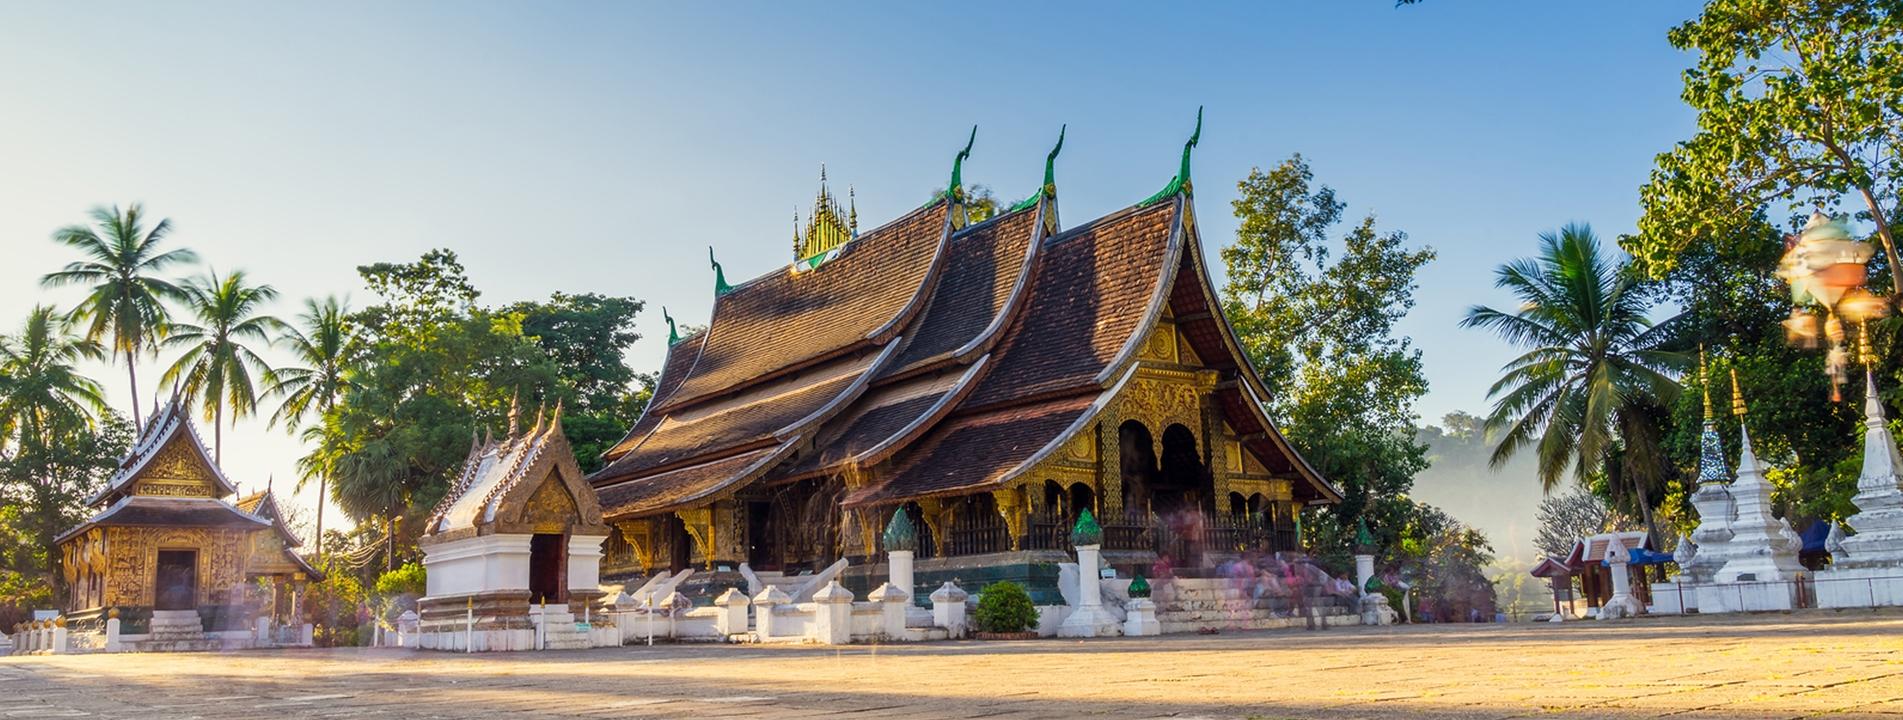 12-Day Laos to Vietnam Tour